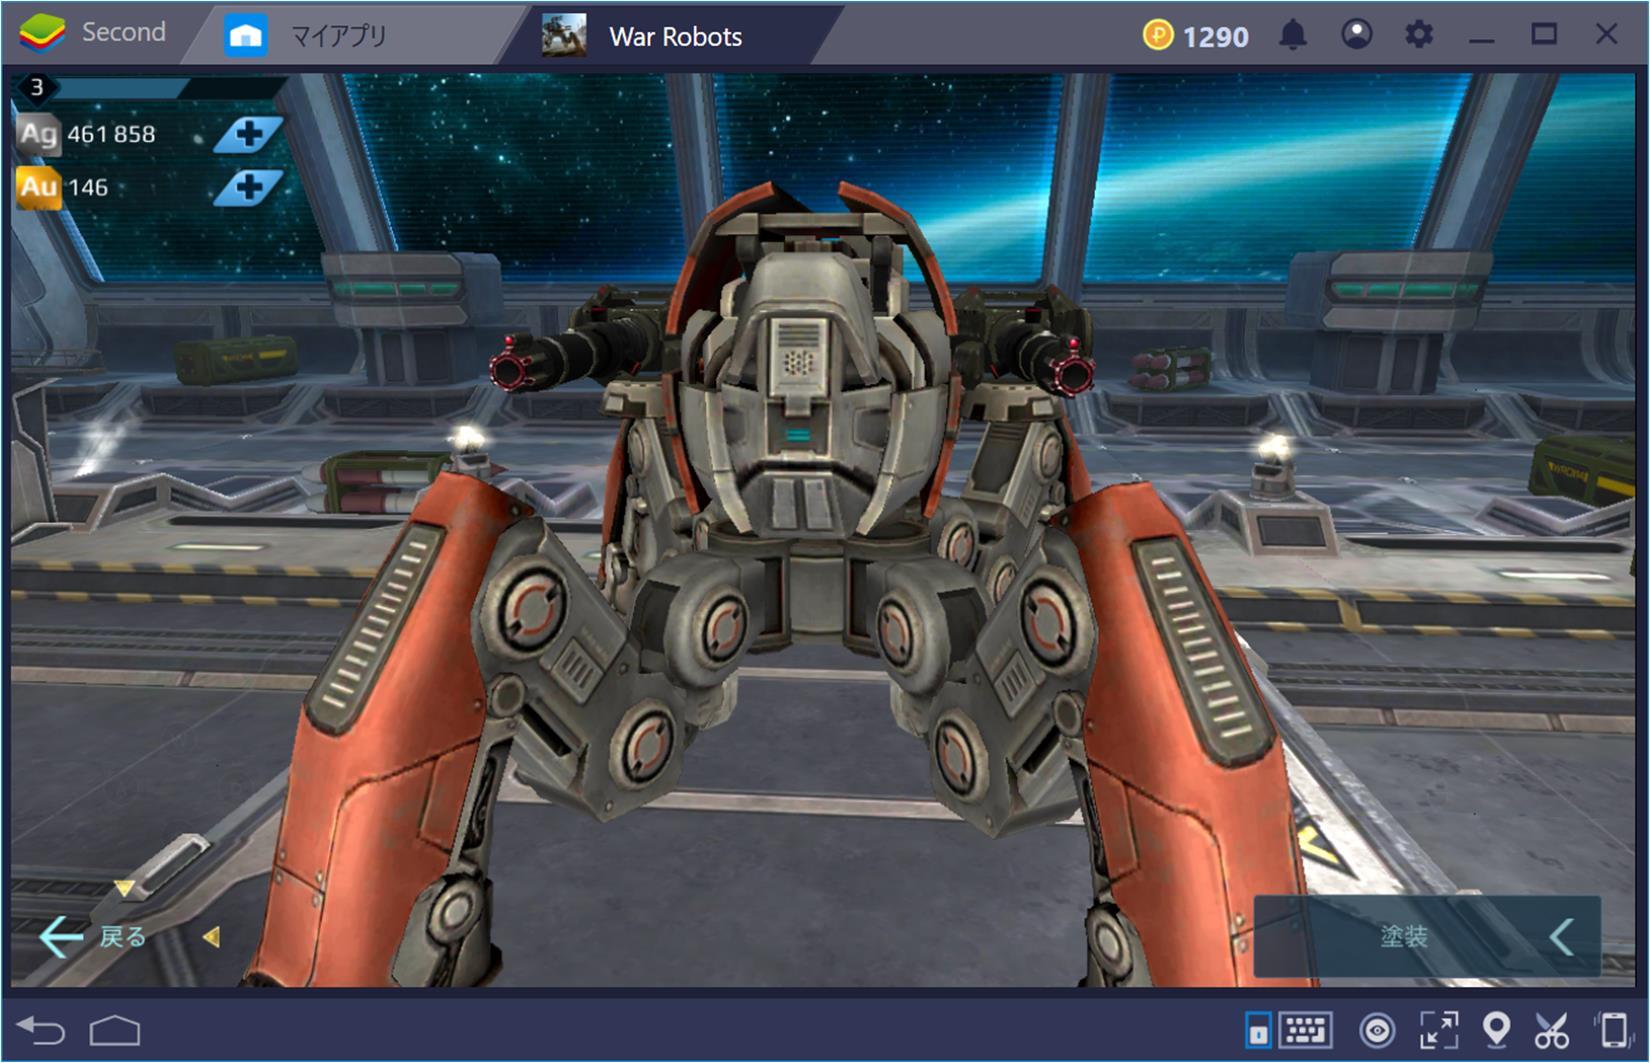 BlueStacksを使ってPCで War Robots を遊ぼう